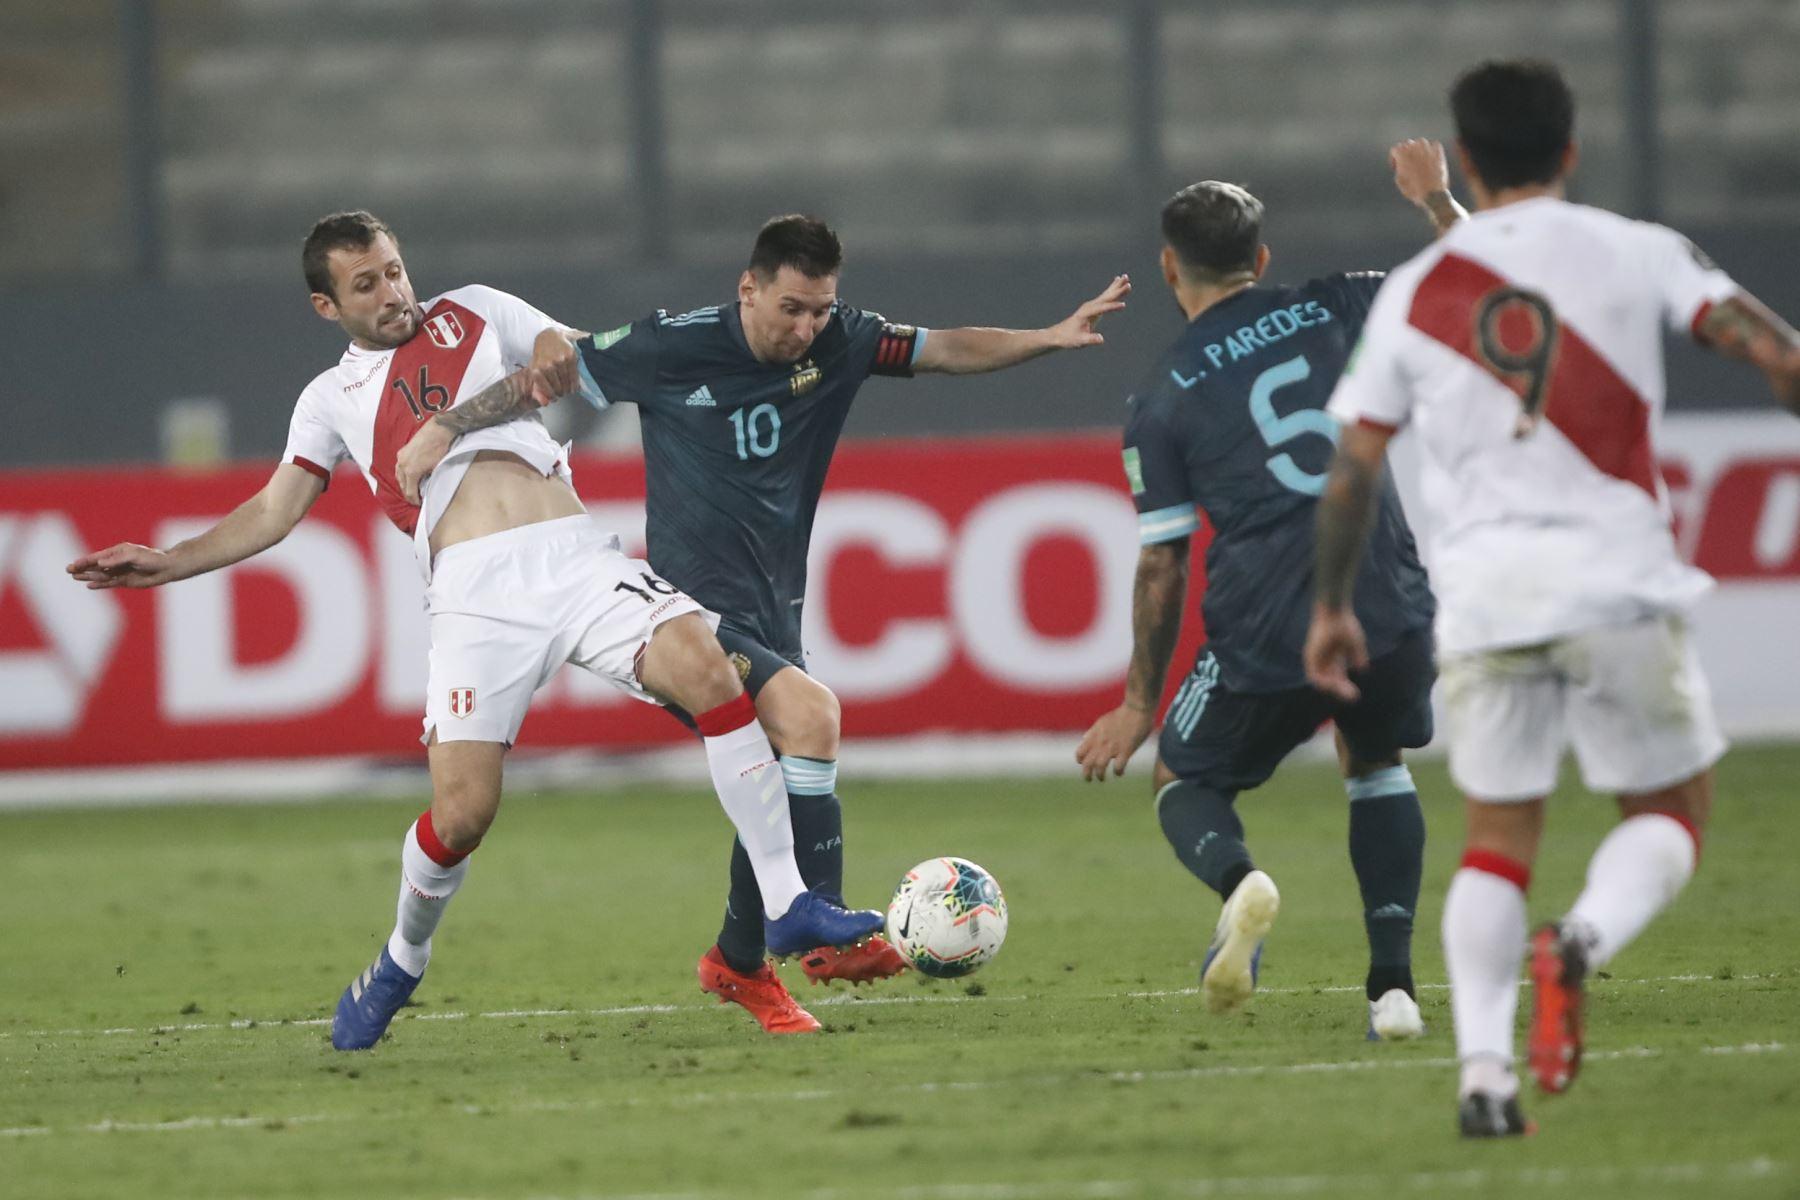 Perú cayó 2-0 ante Argentina en el Estadio Nacional de Lima por la fecha 4 de las eliminatorias rumbo a Qatar 2022. Foto: ANDINA/Juan Carlos Guzmán